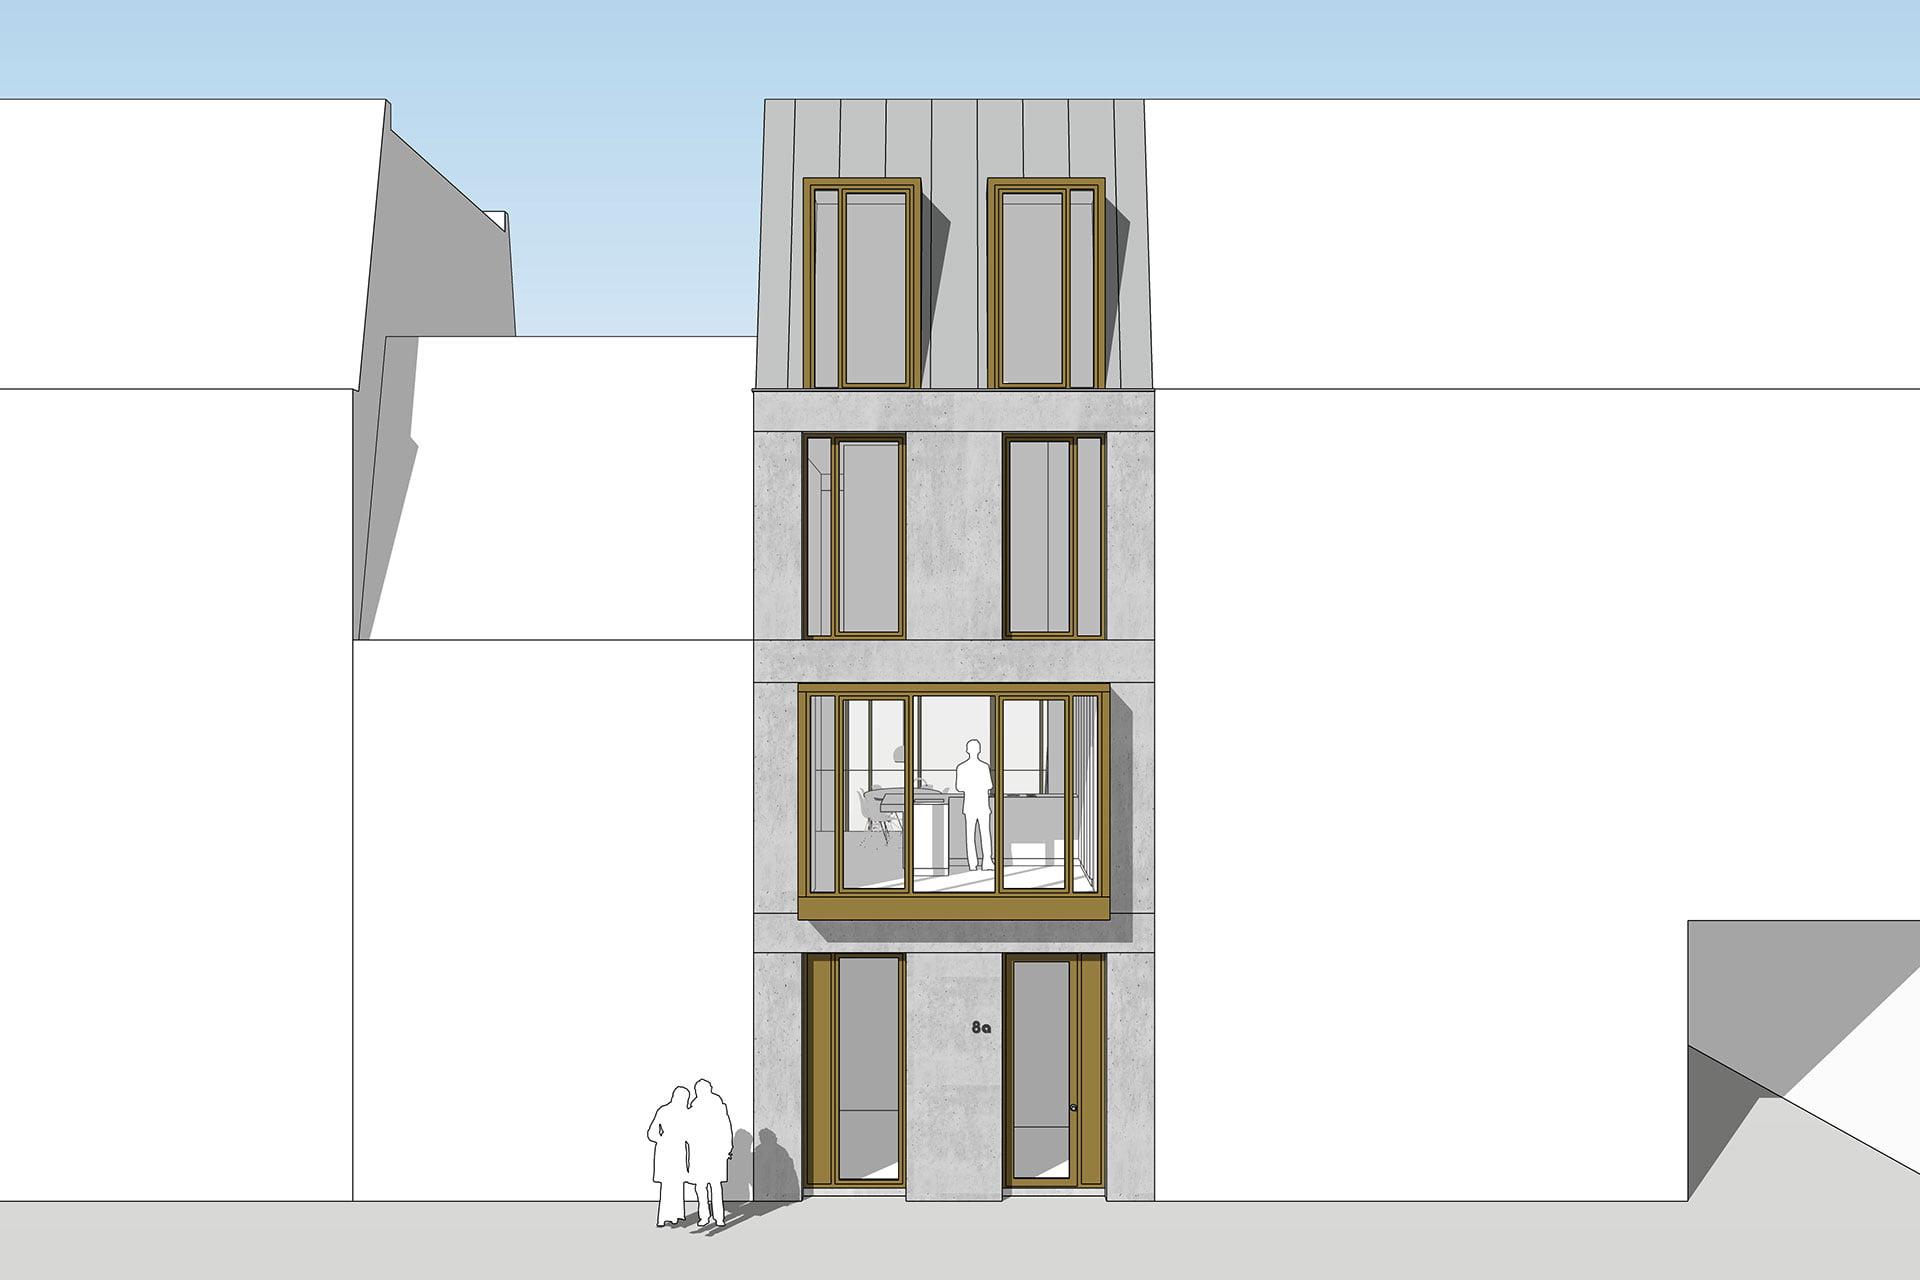 8A Architecten - modern zelfbouw herenhuis, Ringdijk 44 locatie, Amsterdam Oost